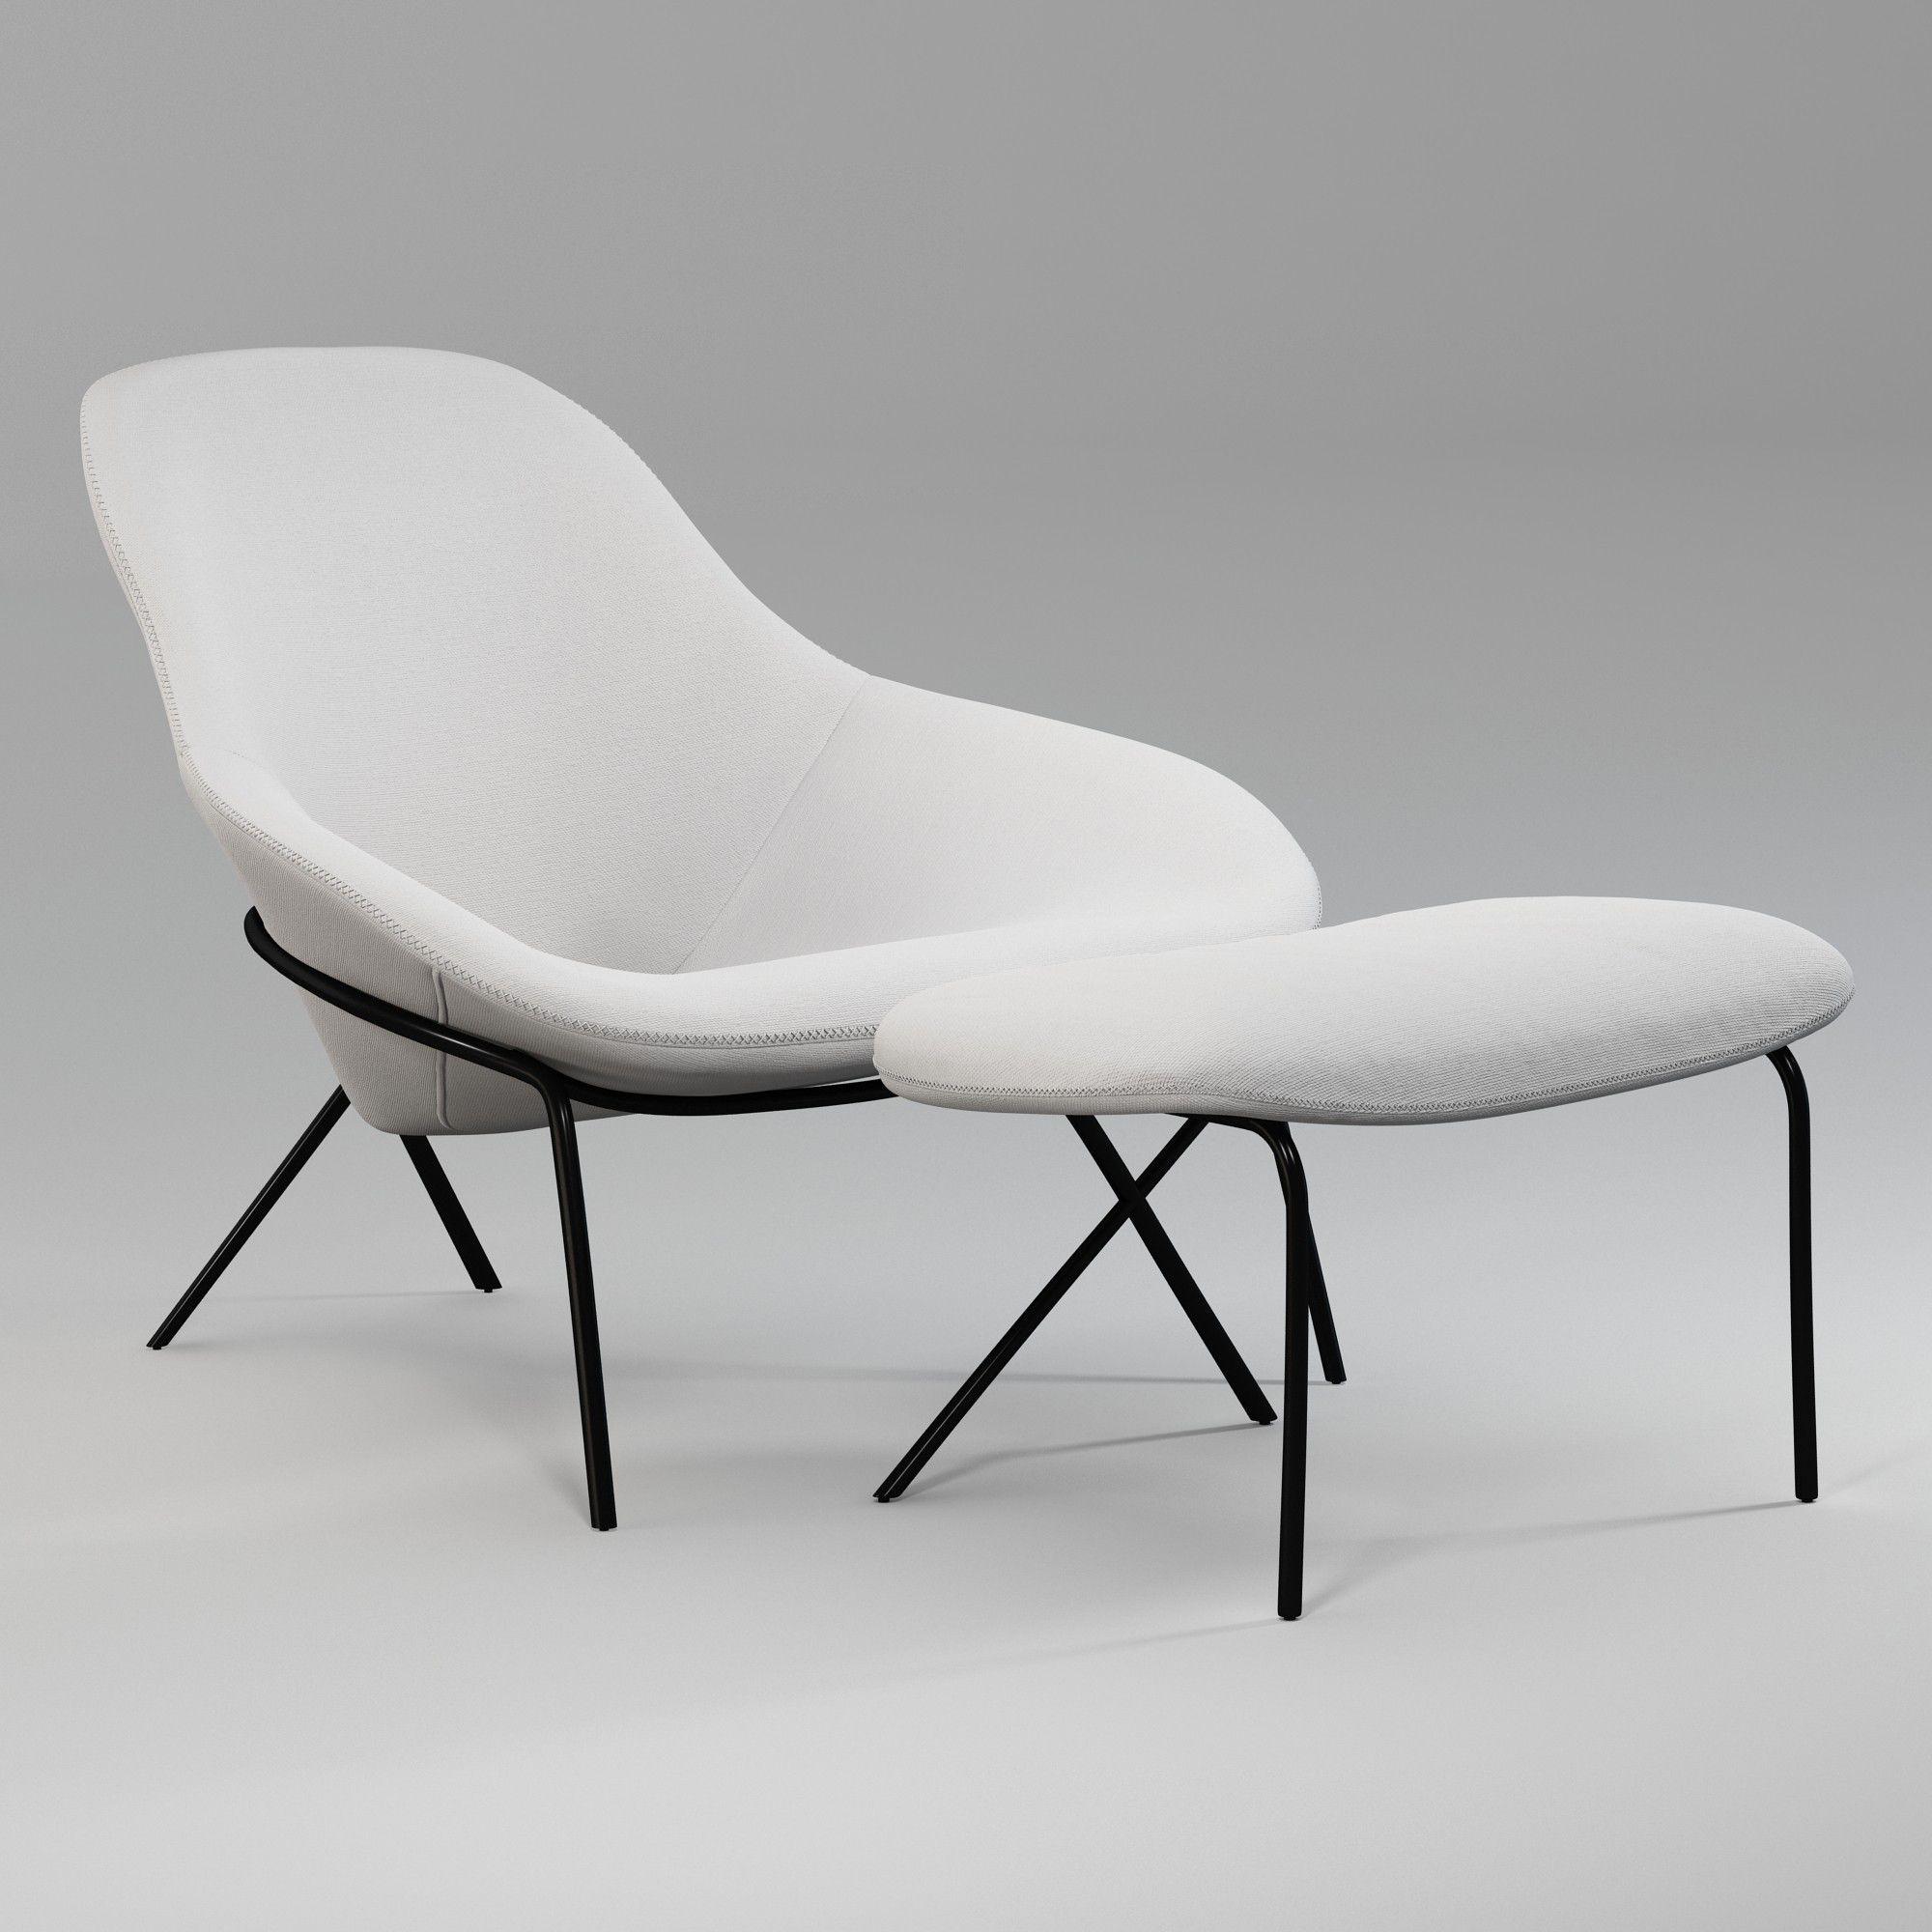 Cross Leg Lounge Chair Ottoman Furniture The Conran Shop Chaise Fauteuil Mobilier De Salon